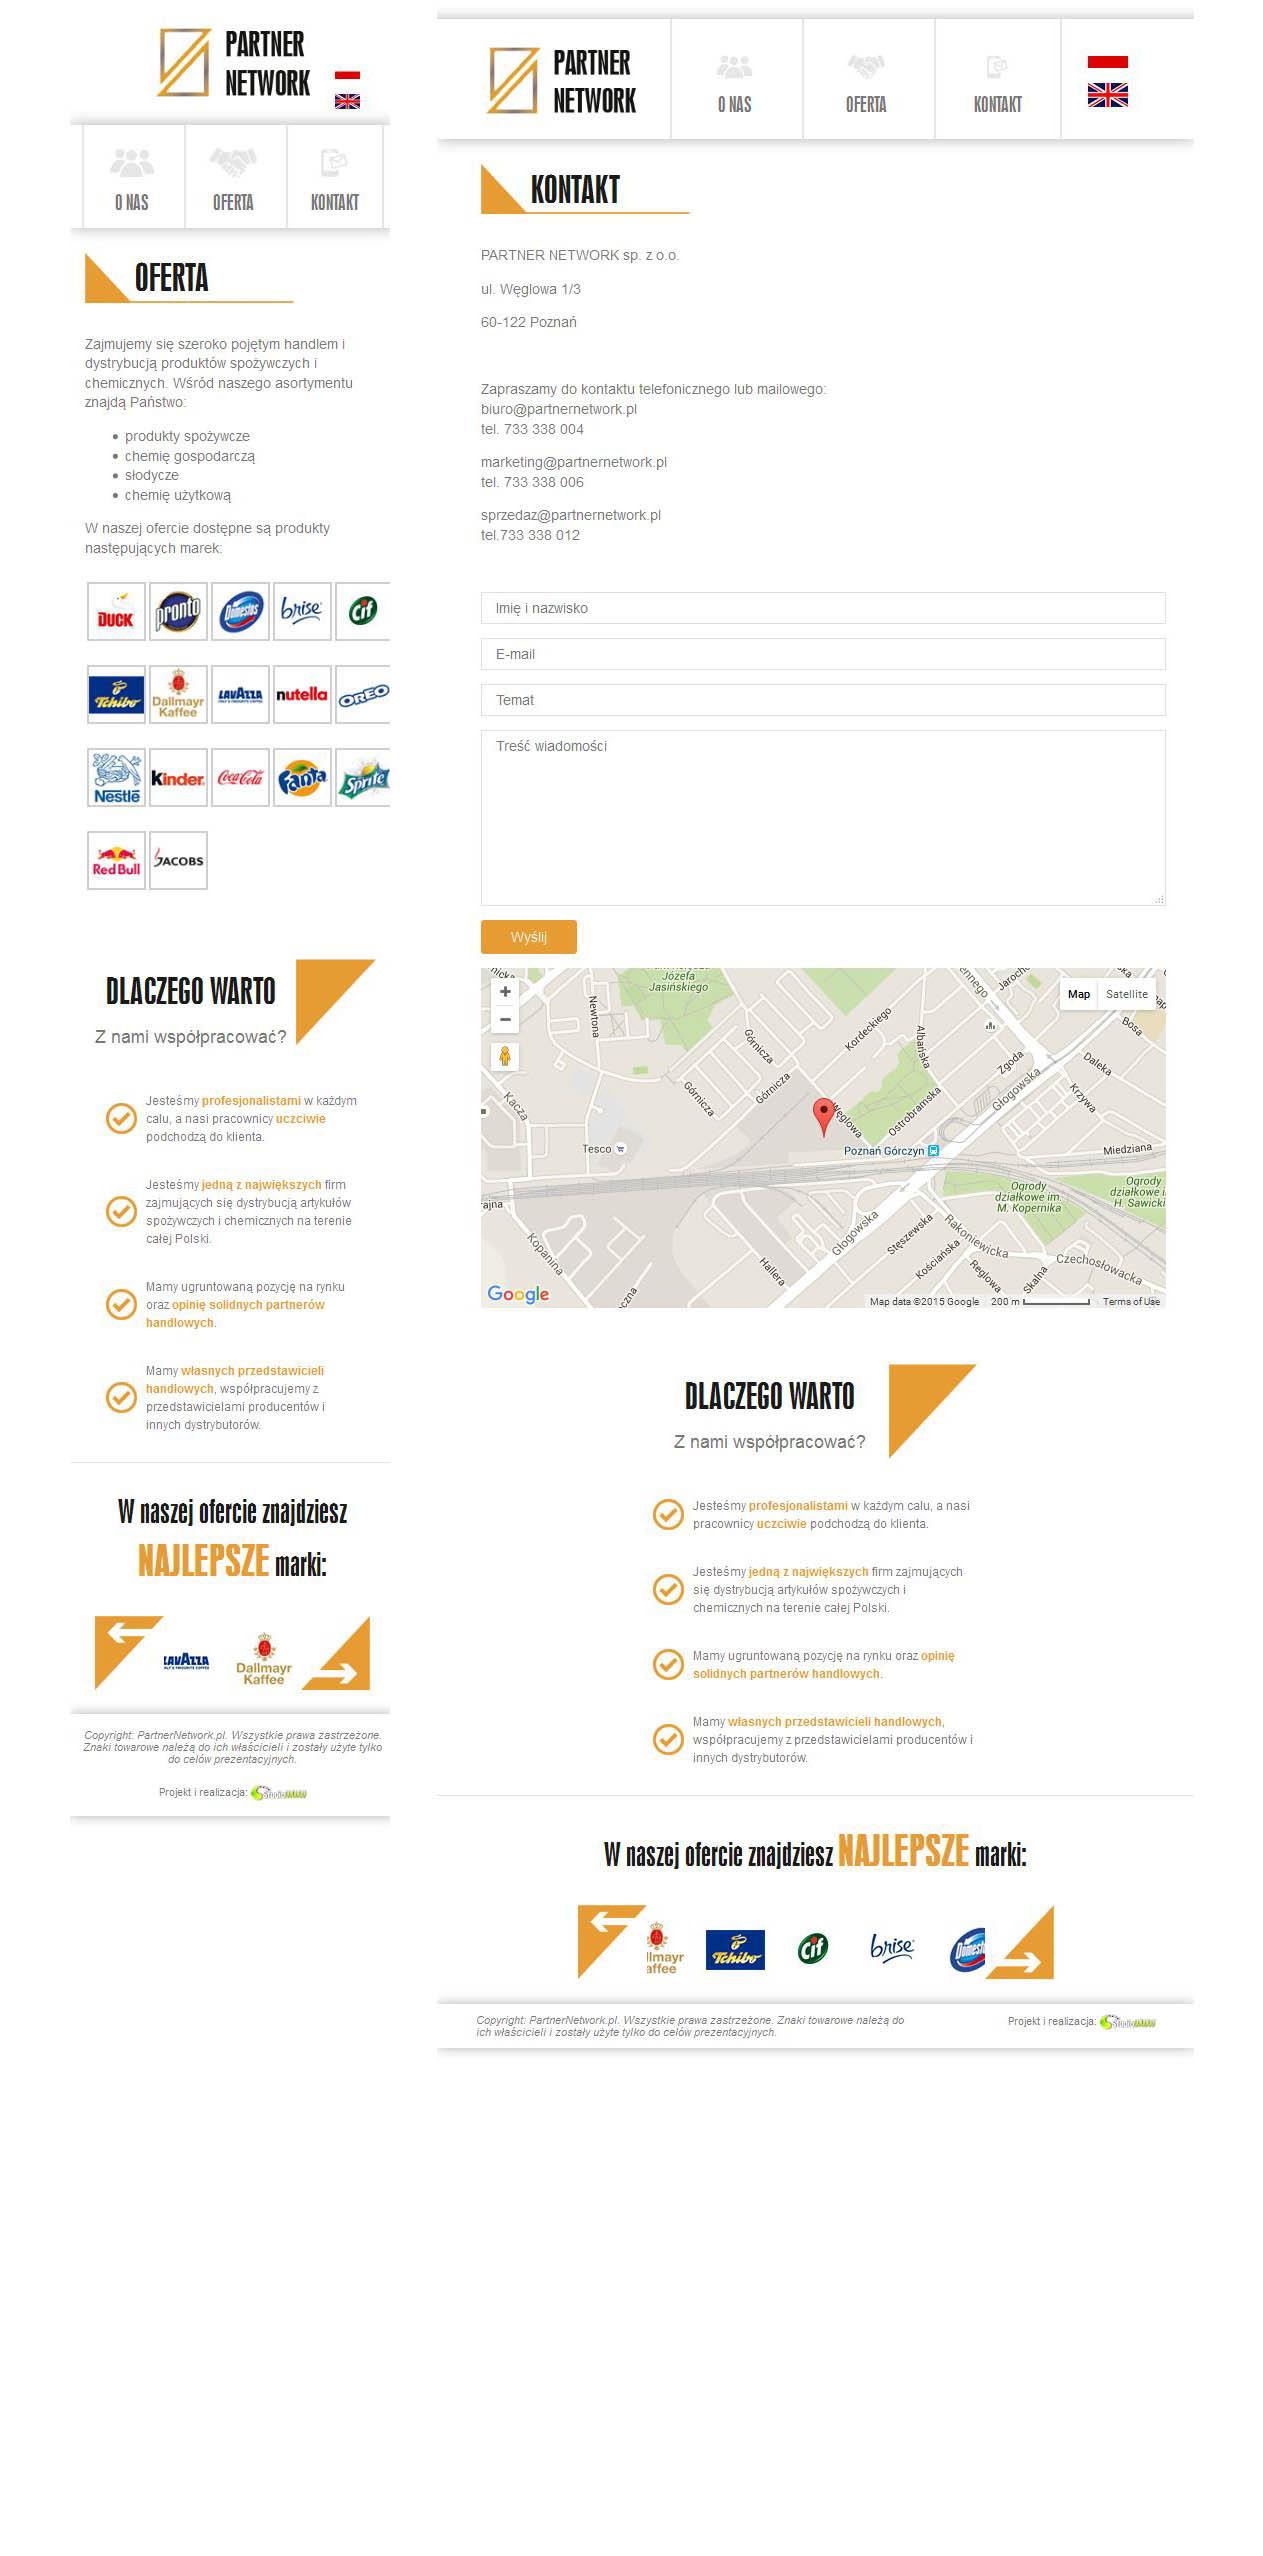 Partner Network 2